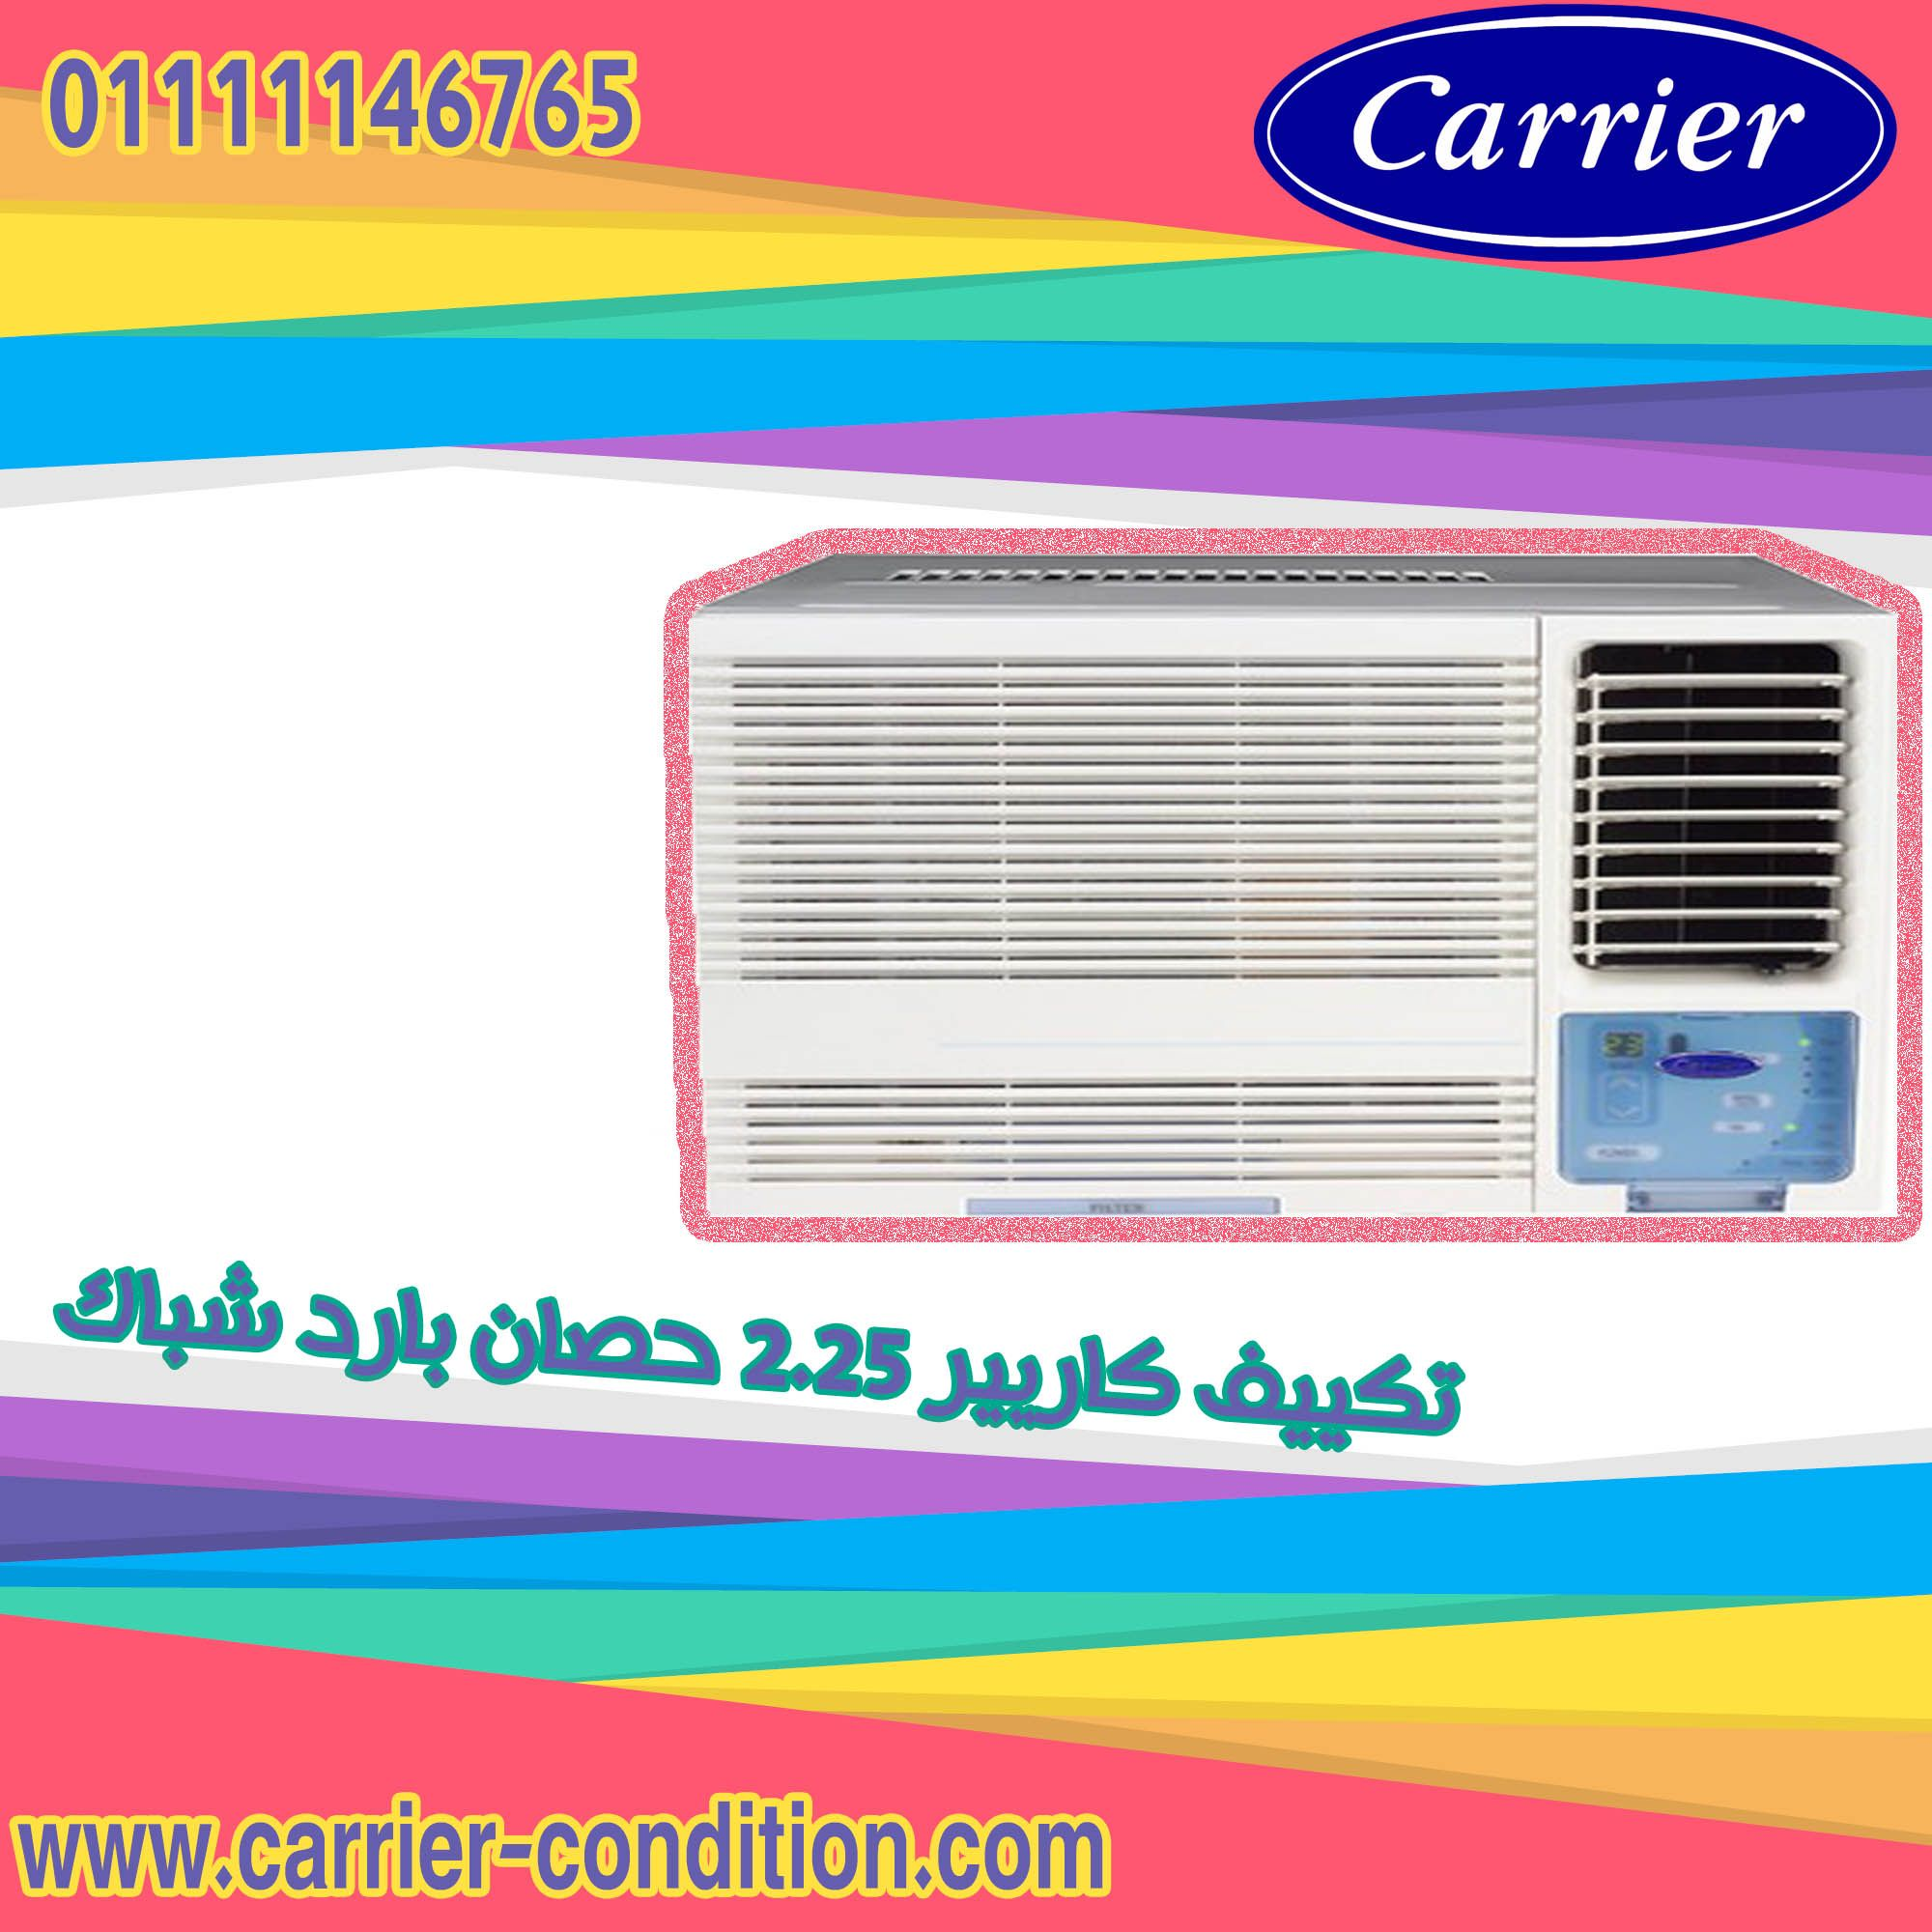 2.25 حصان بارد شباك Conditioner, Home appliances, Air